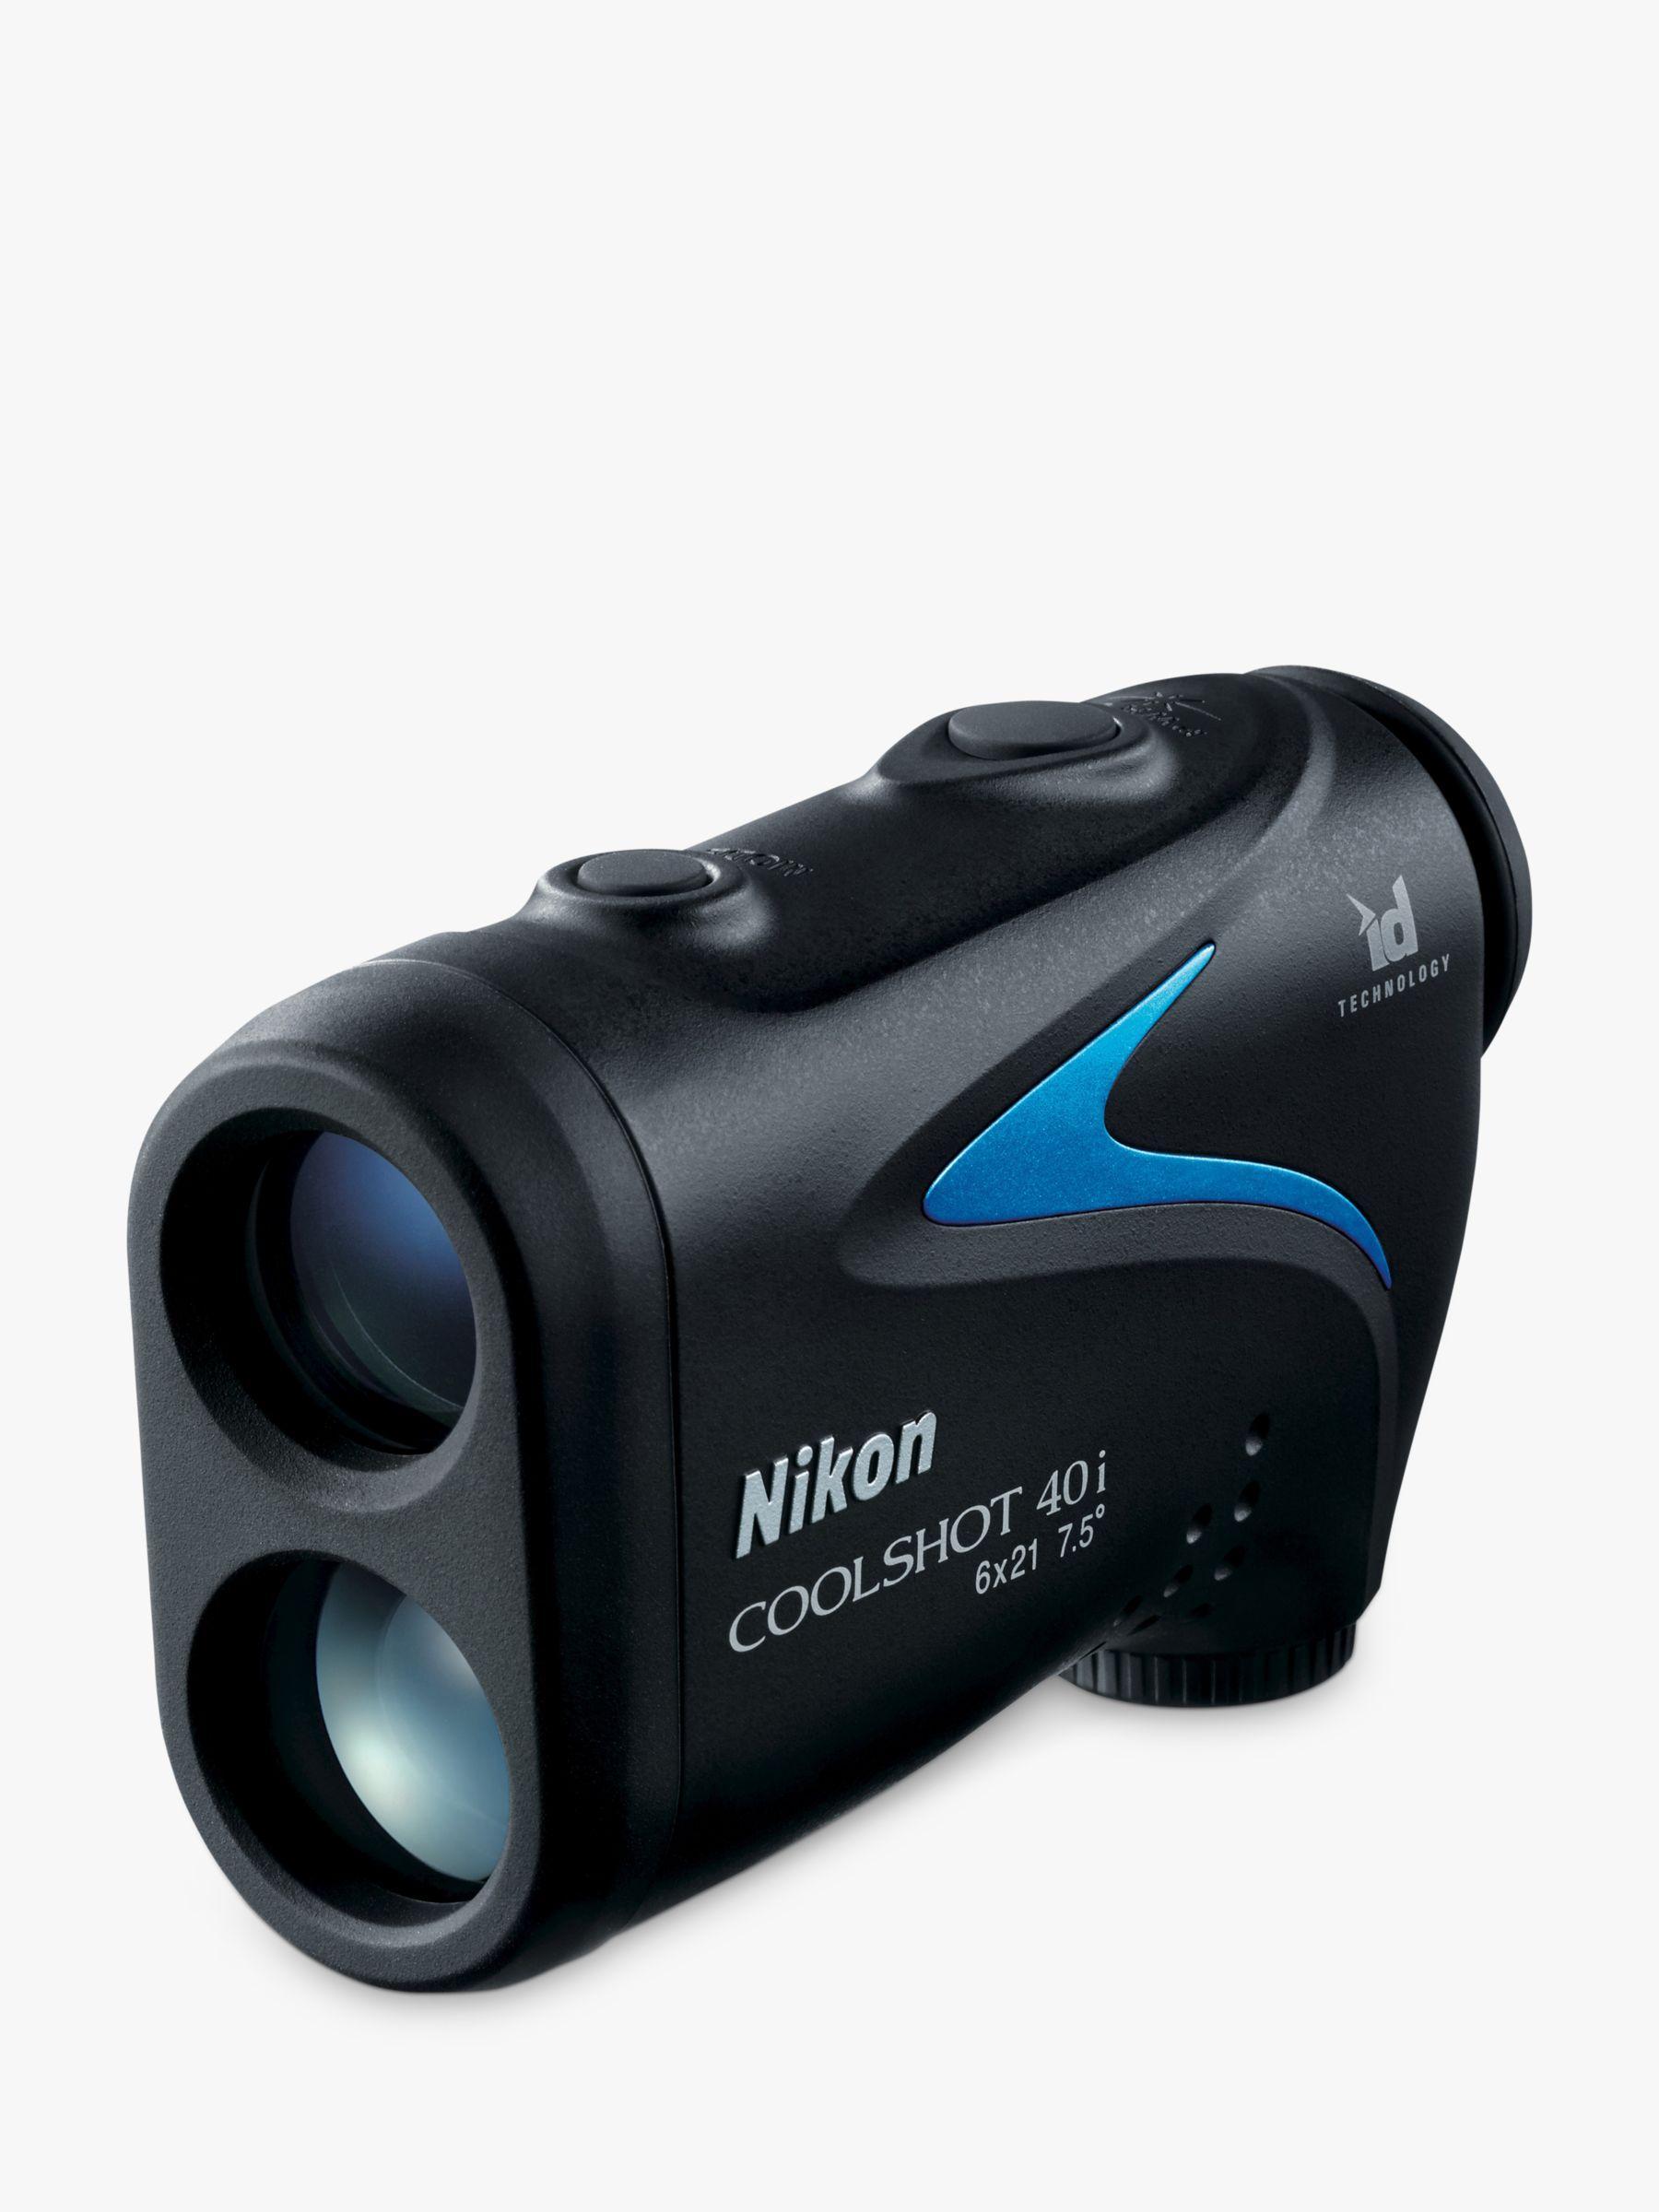 Nikon Nikon COOLSHOT 40i Laser Range Finder With 8-650 Yard Range & Angle Compensation Technology